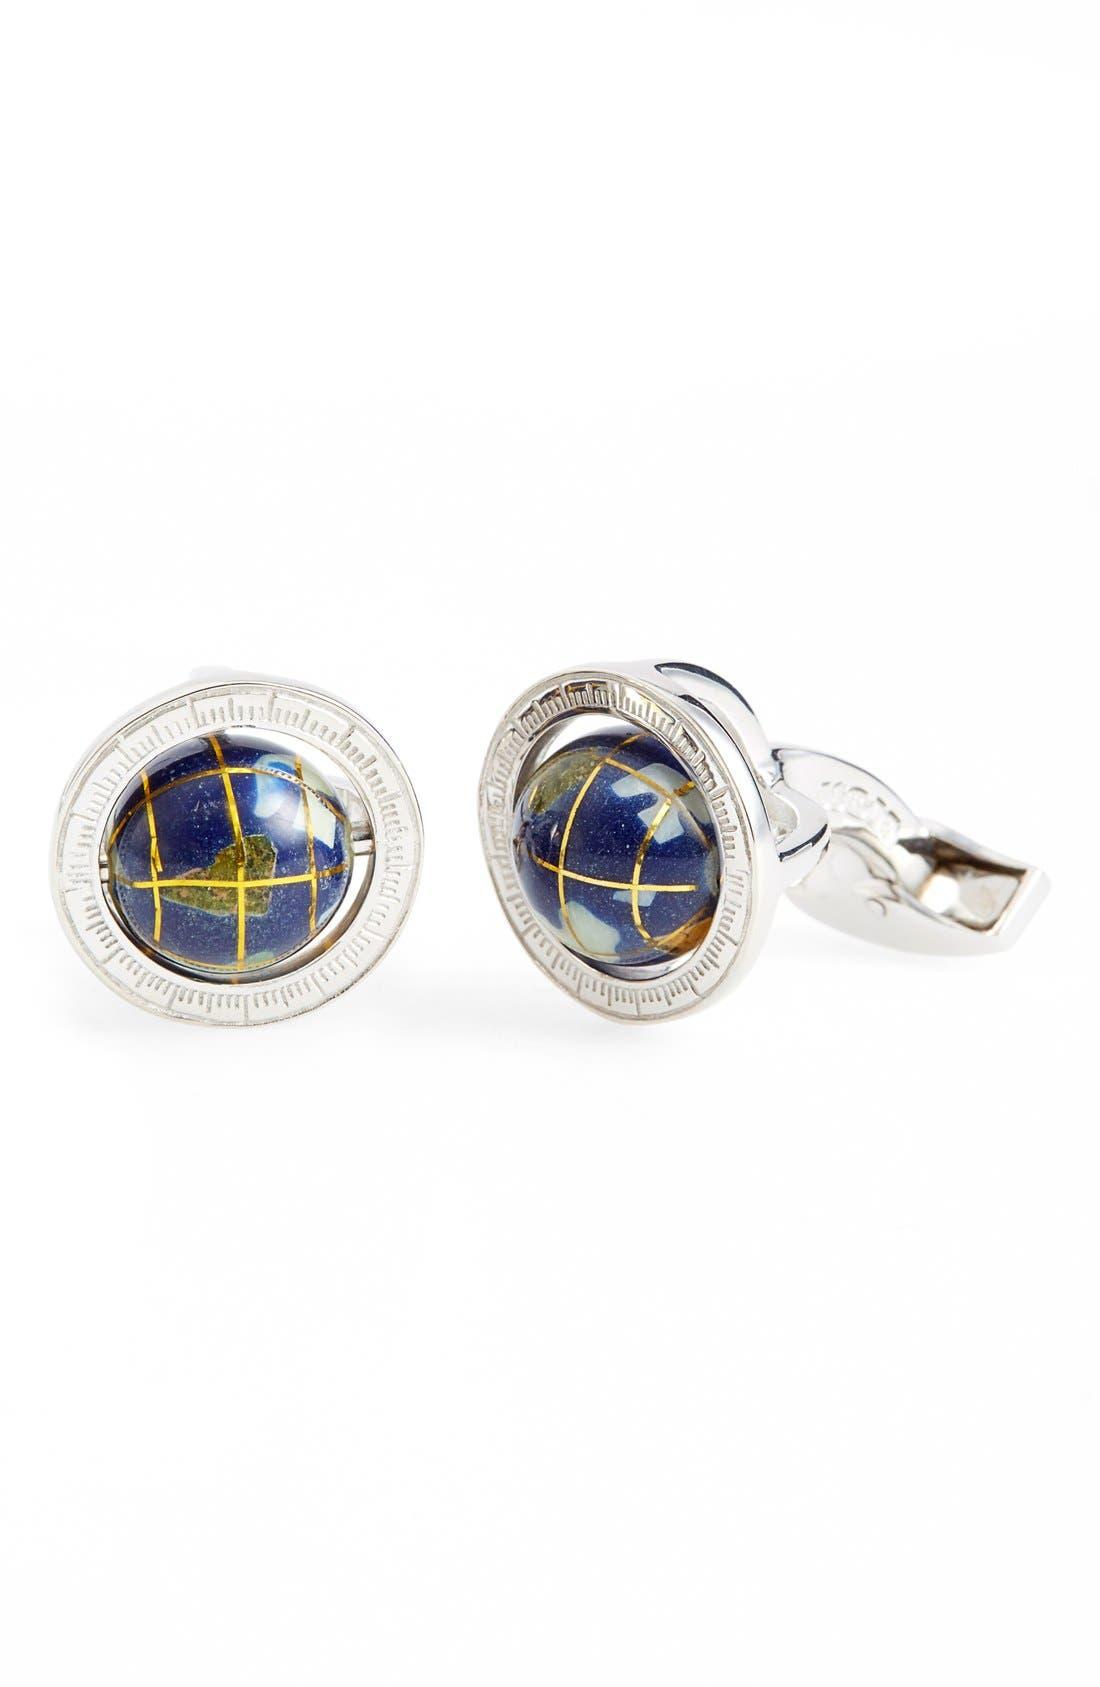 Alternate Image 1 Selected - Tateossian 'Globe' Cuff Links